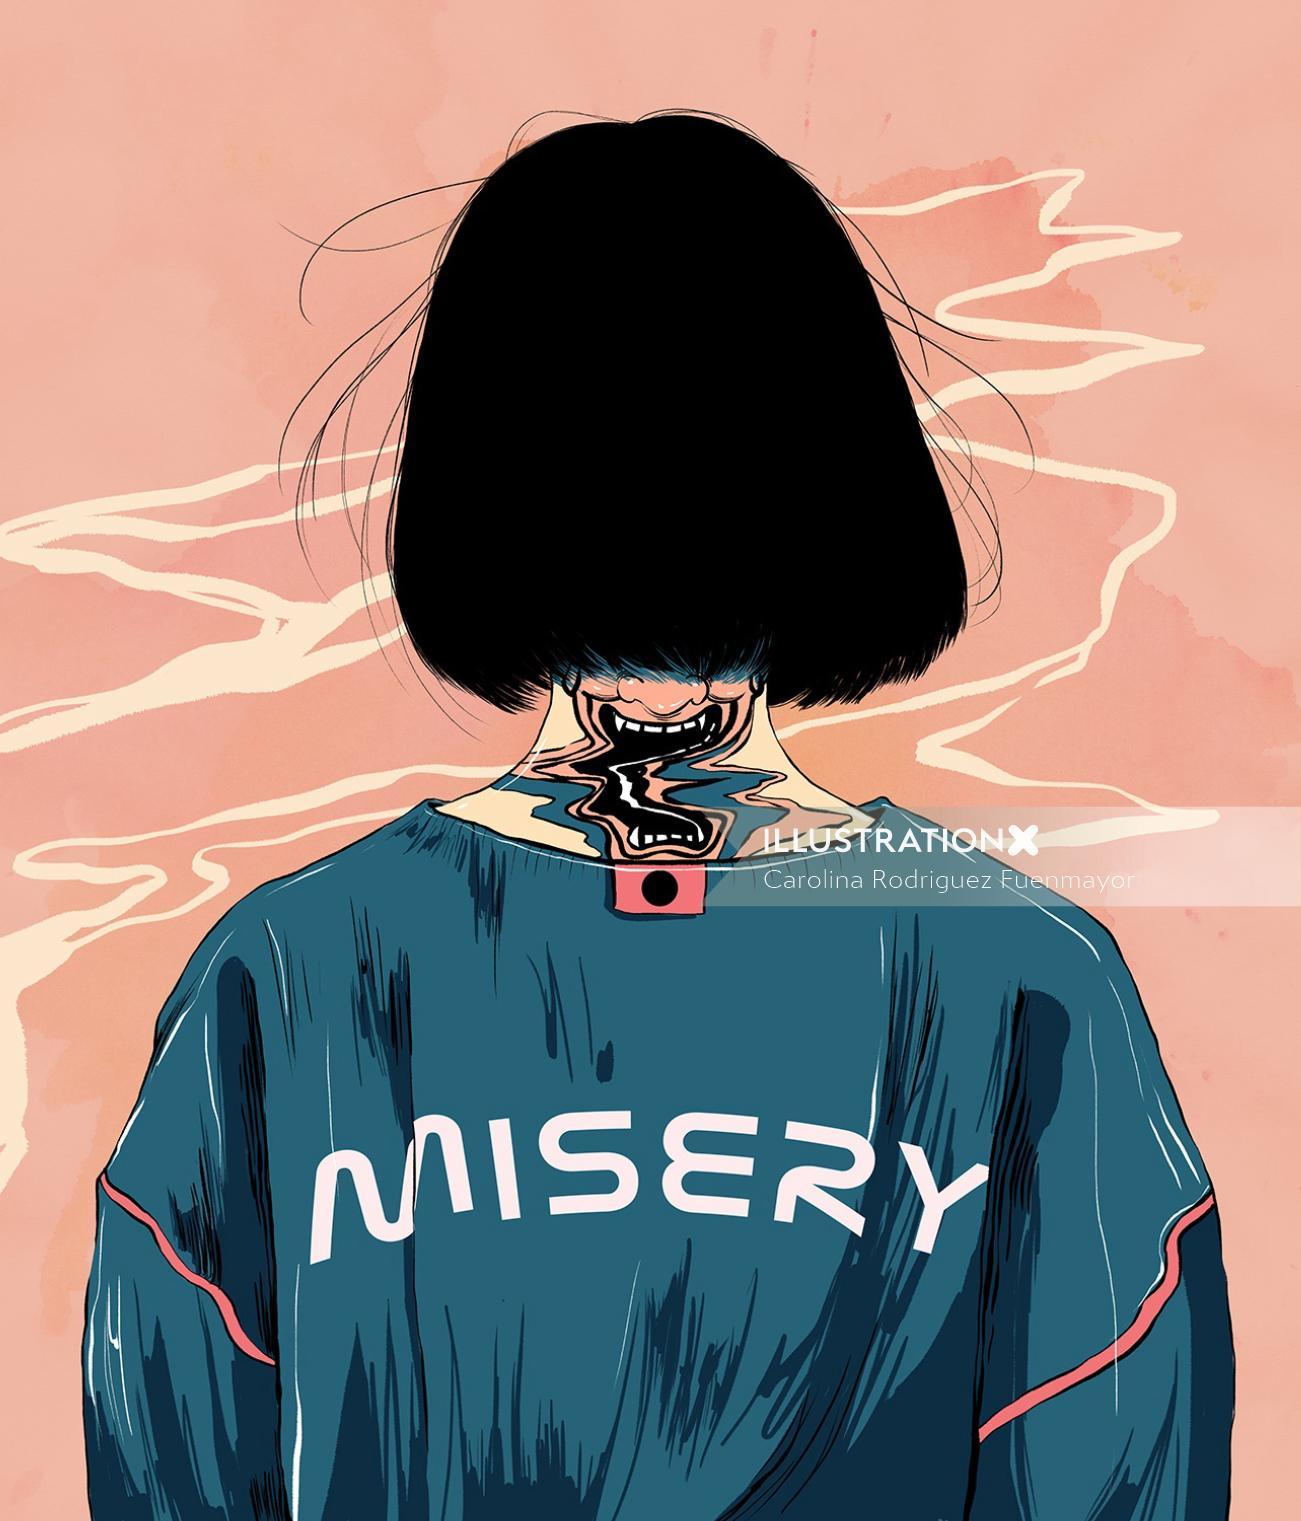 Misery girl illustration